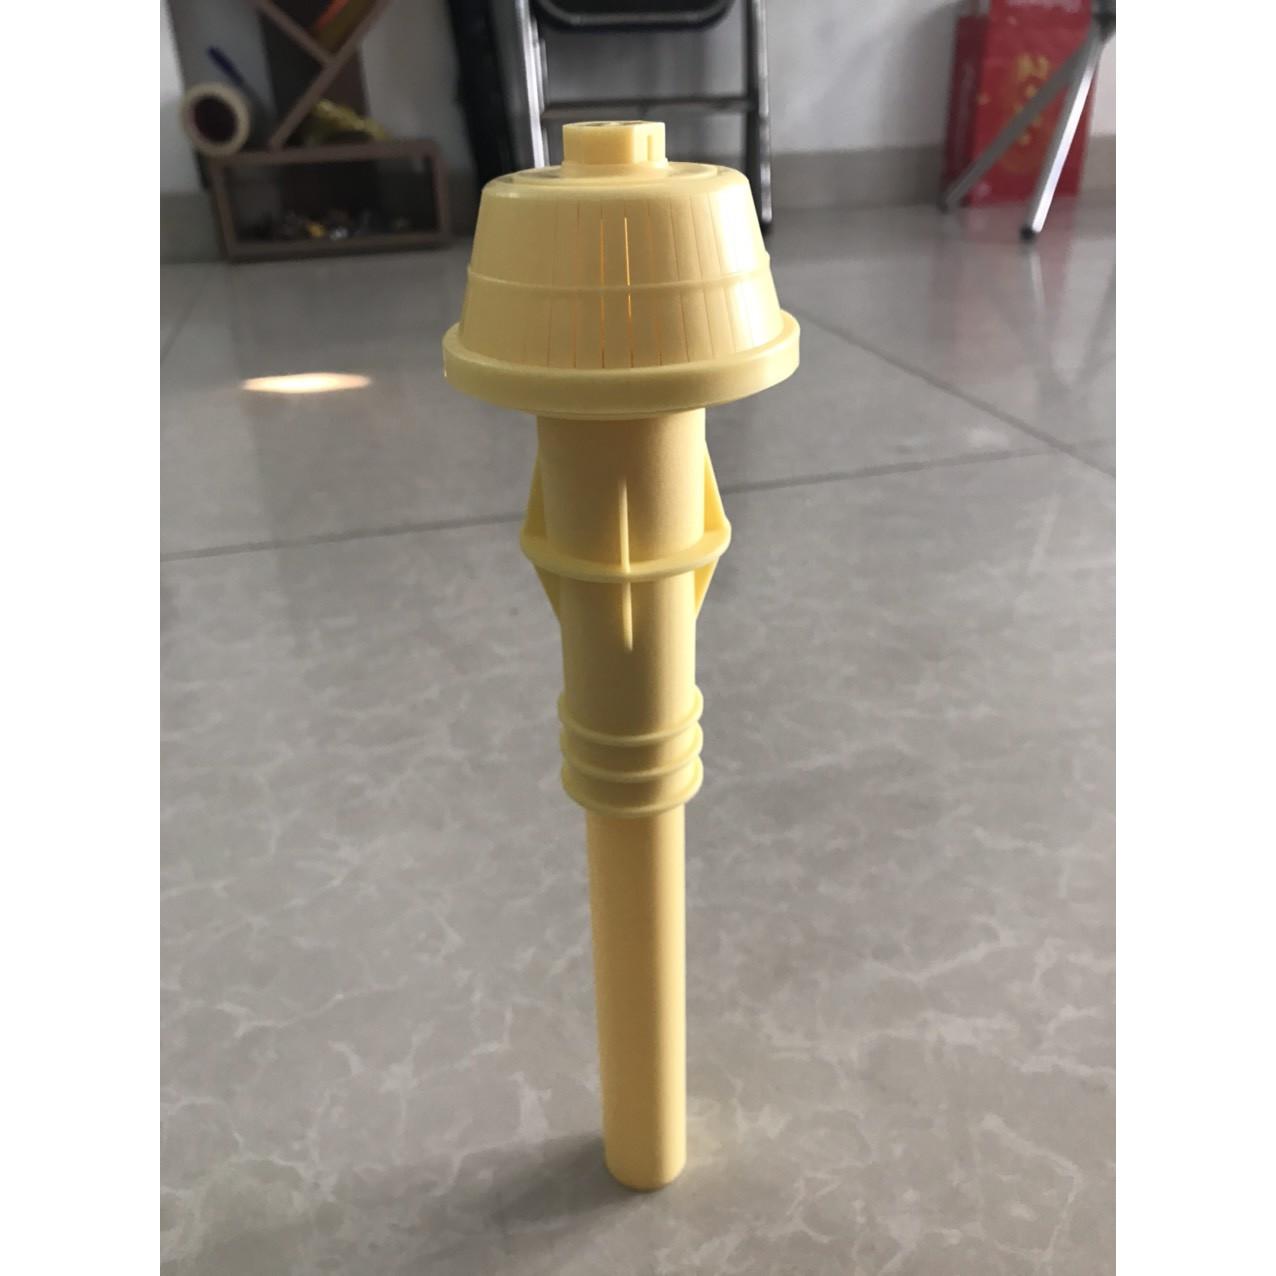 Chụp lọc nước ngắn màu vàng  F 0505/ ABS - có rãnh thổi gió